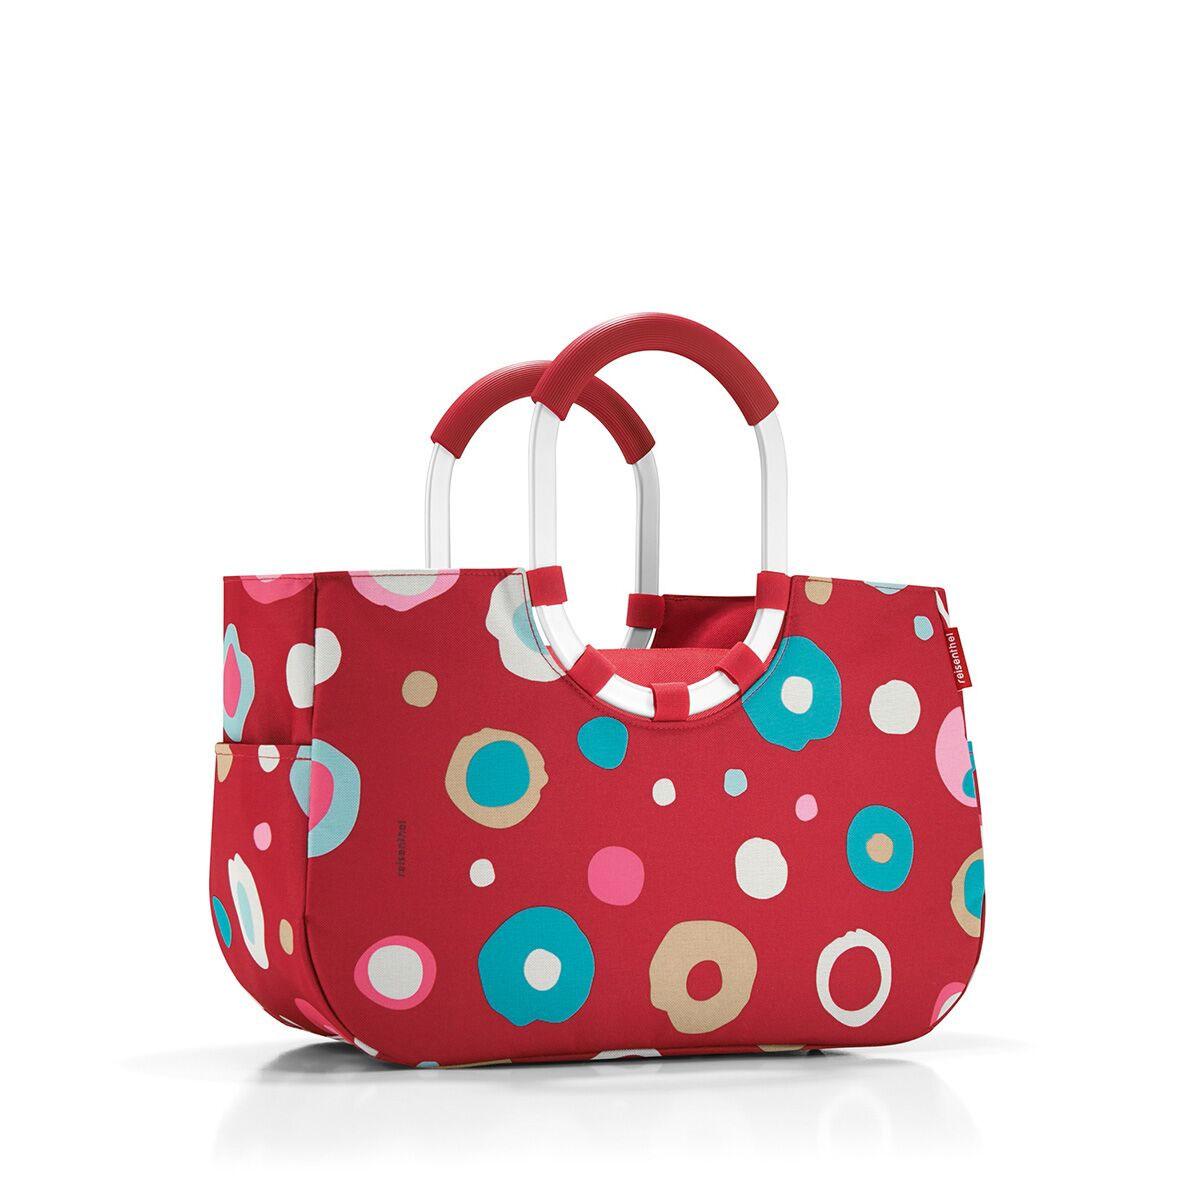 Сумка женская Reisenthel, цвет: темно-красный, голубой, розовый. OS3048S76245Практичная женская сумка Reisenthel изготовлена из текстиля и оформлена оригинальным принтом. Сумка имеет одно отделение, внутри которого находится прорезной карман на застежке-молнии. Снаружи, по боковым сторонам сумки расположены накладные открытые карманы. Изделие оснащено съемным отделением на застежке-молнии, которое пристегивается к сумке с помощью хлястиков с кнопками. Съемное отделение снаружи дополнено прорезным карманом на застежке-молнии и накладным открытым кармашком. Сумка оснащена двумя алюминиевыми ручками с прорезиненными накладками, которые фиксируются с помощью липучек. Основание изделия защищено от повреждений пластиковыми ножками.